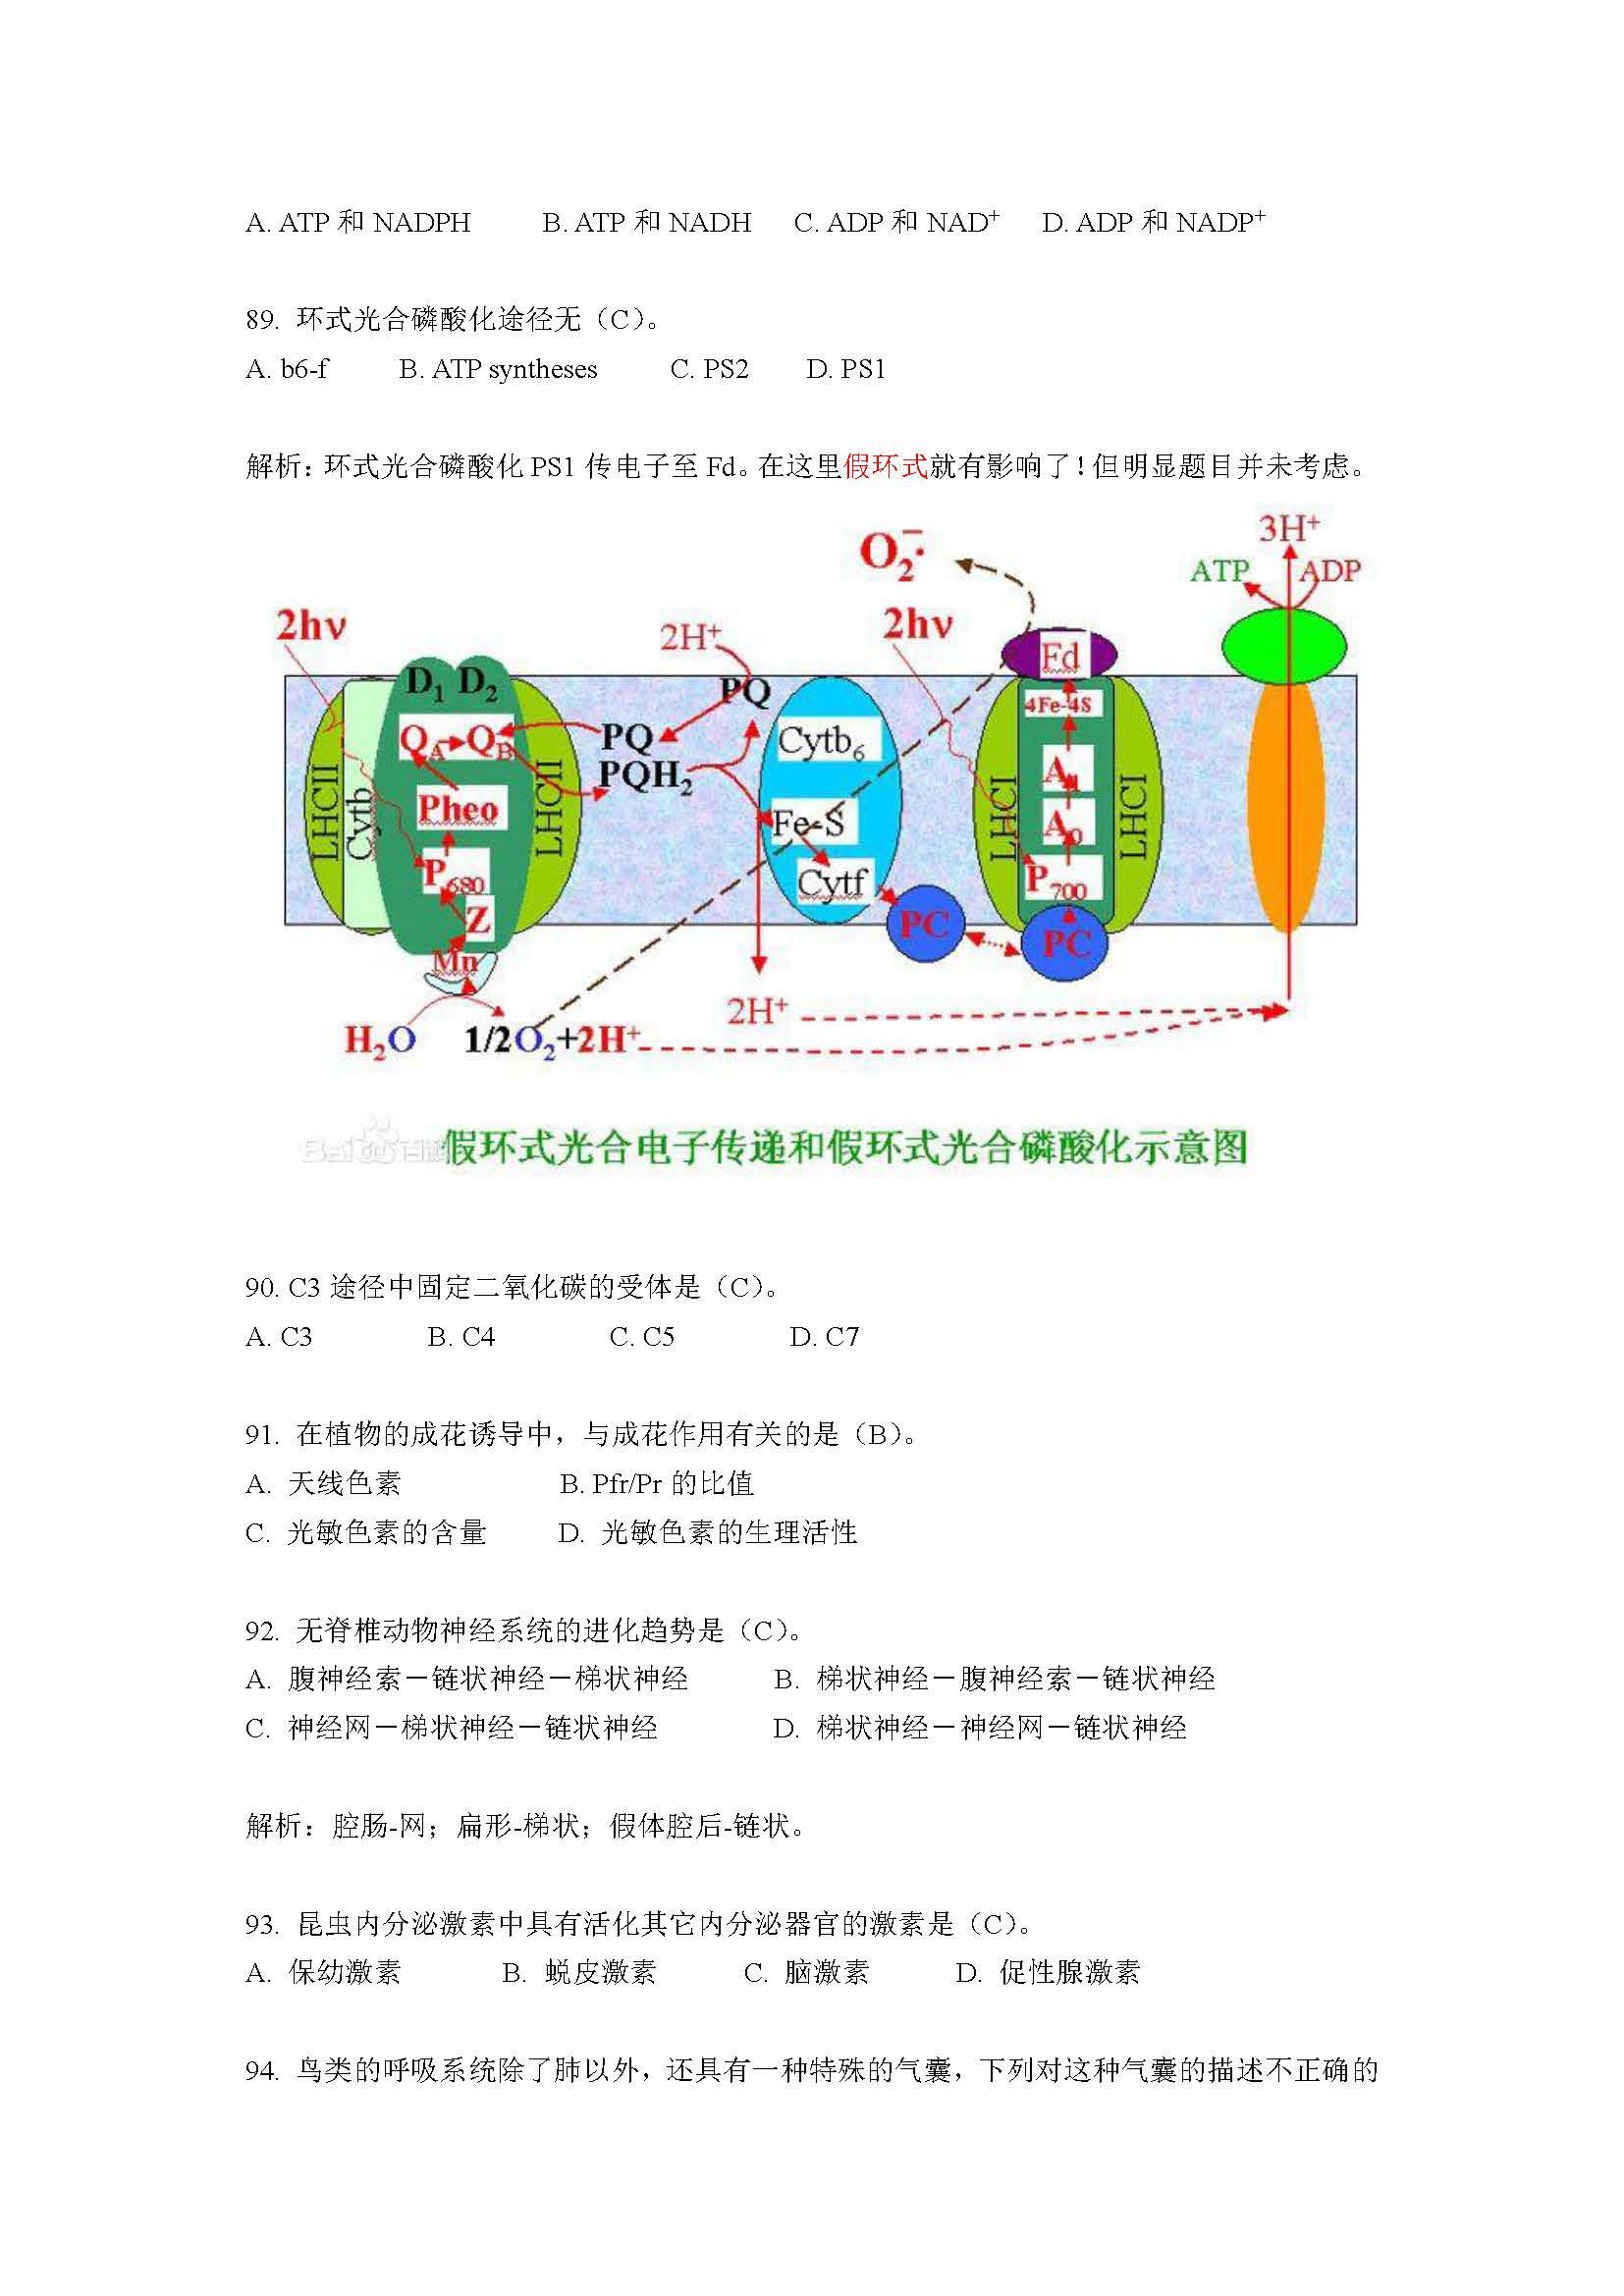 05 2015清华金秋营笔试模拟题答案简析_页面_28